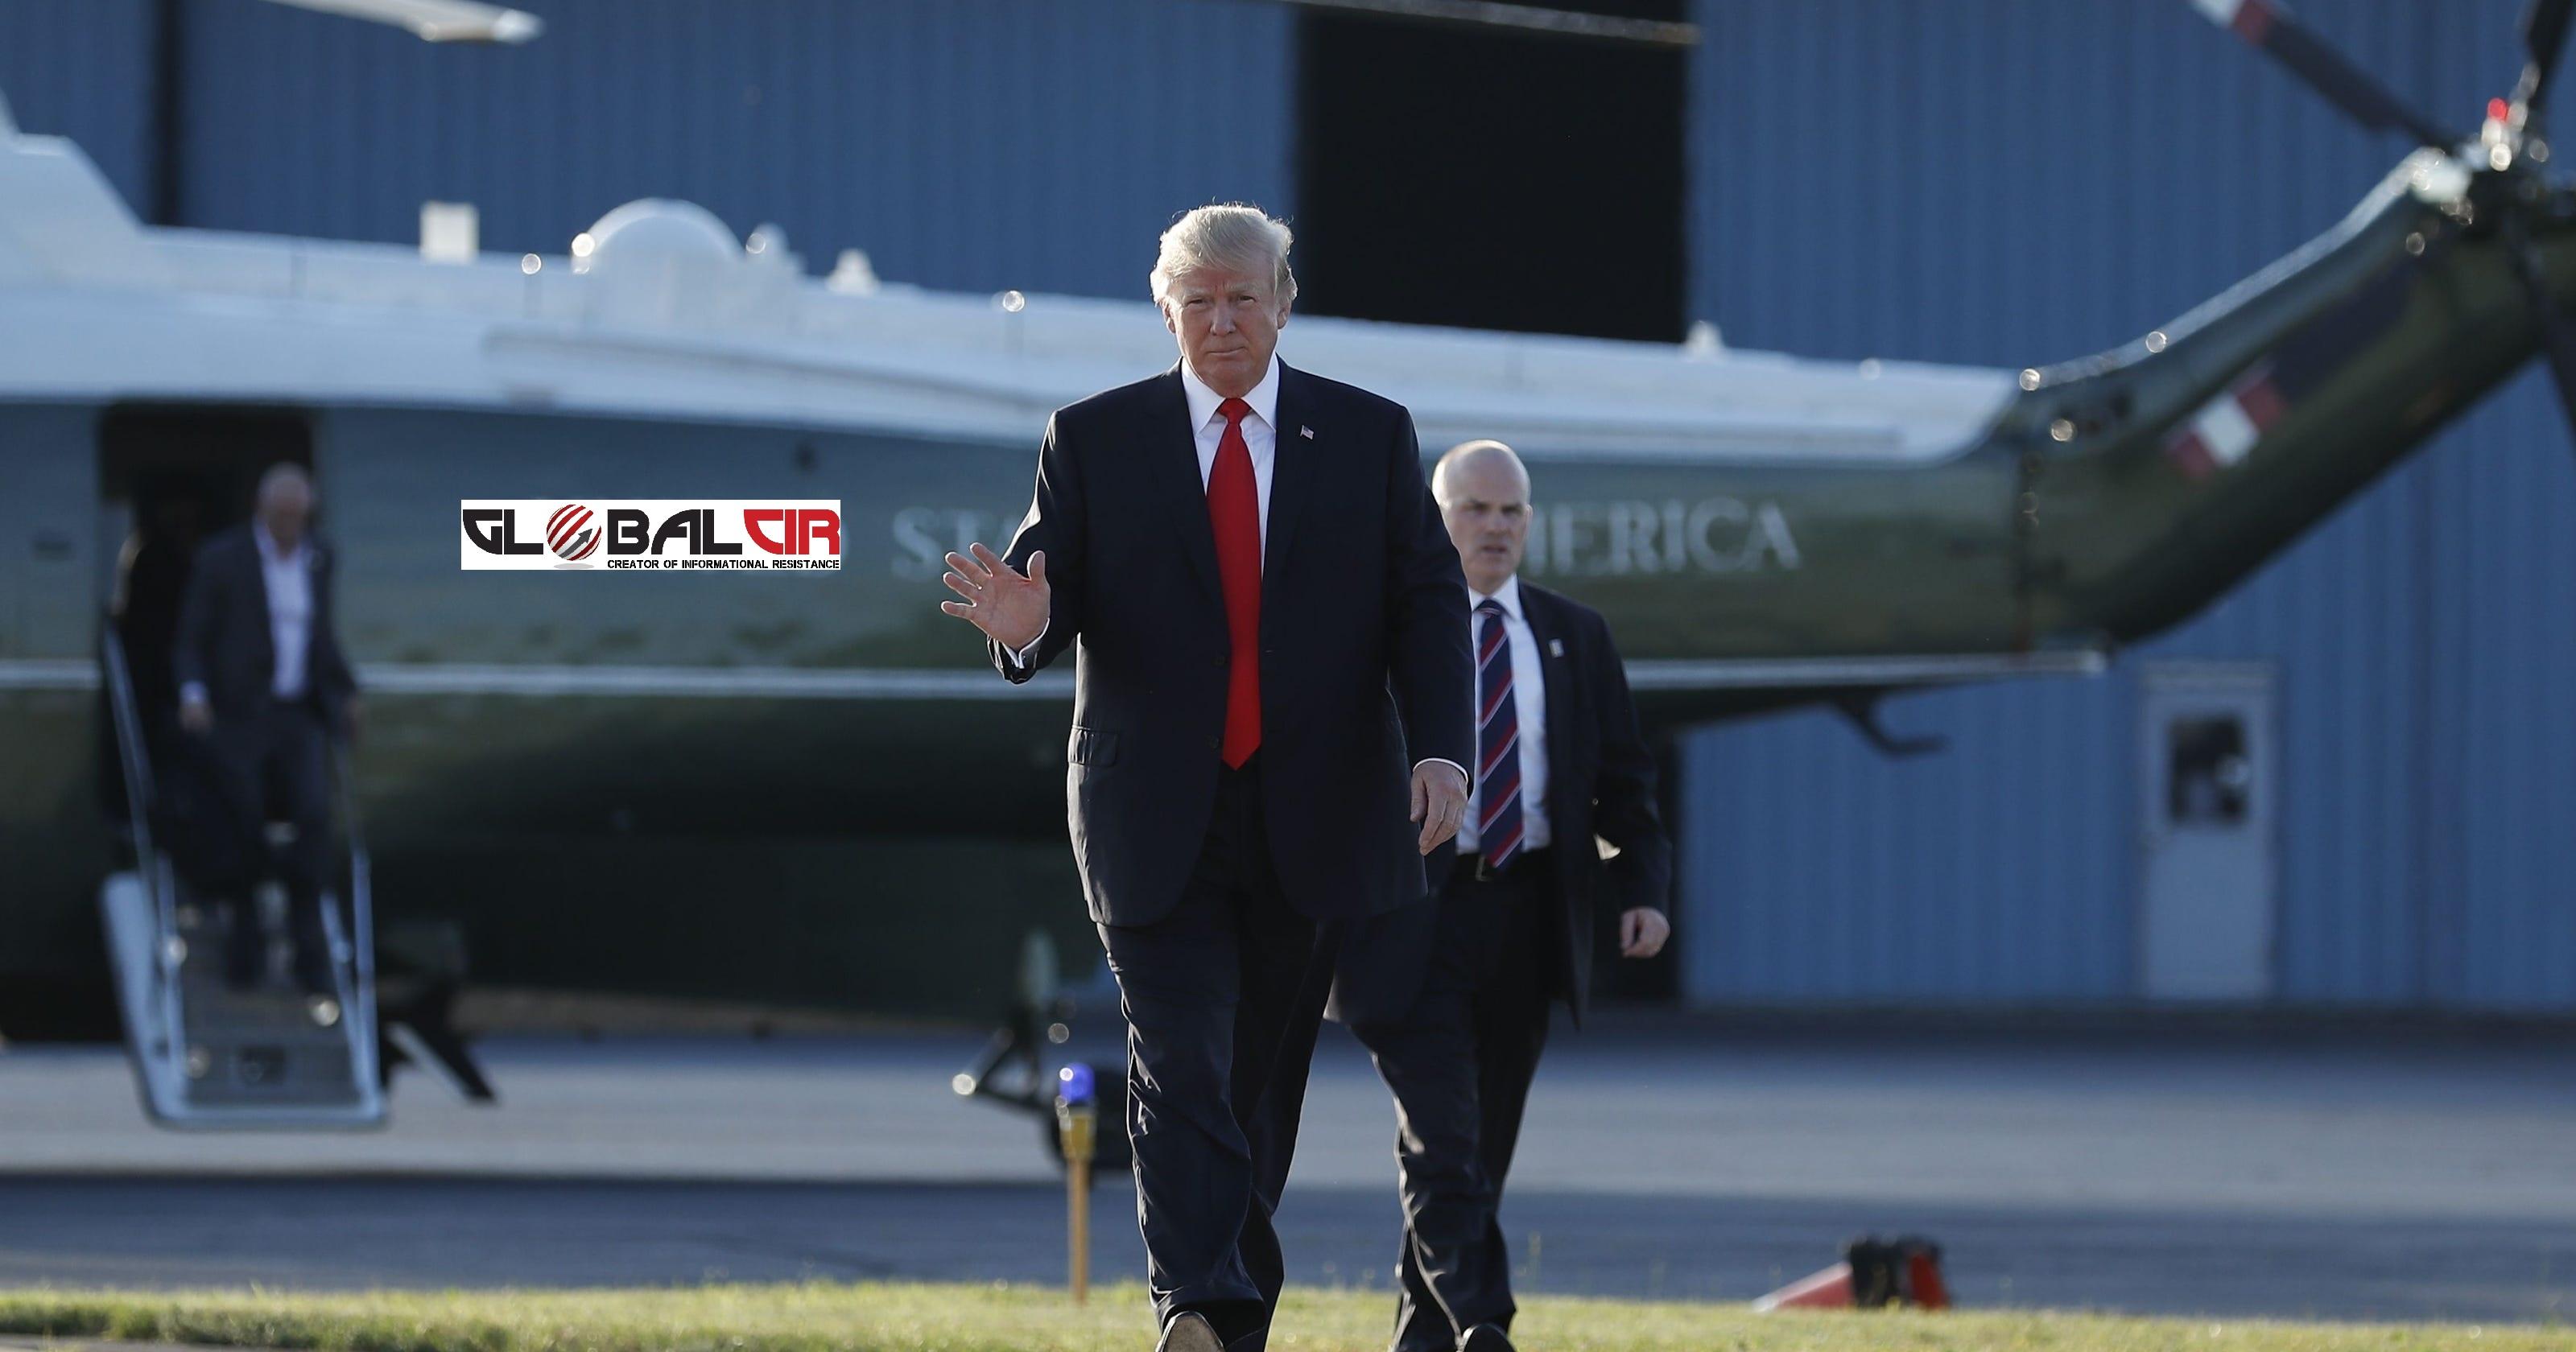 TO JE NAJKRVAVIJI PIJESAK NA SVIJETU! Predsjednik Tramp otvoreno: 'Najgora odluka koju je naša zemlja ikad donijela bila je otići na Bliski istok gdje su milioni ljudi ubijeni'